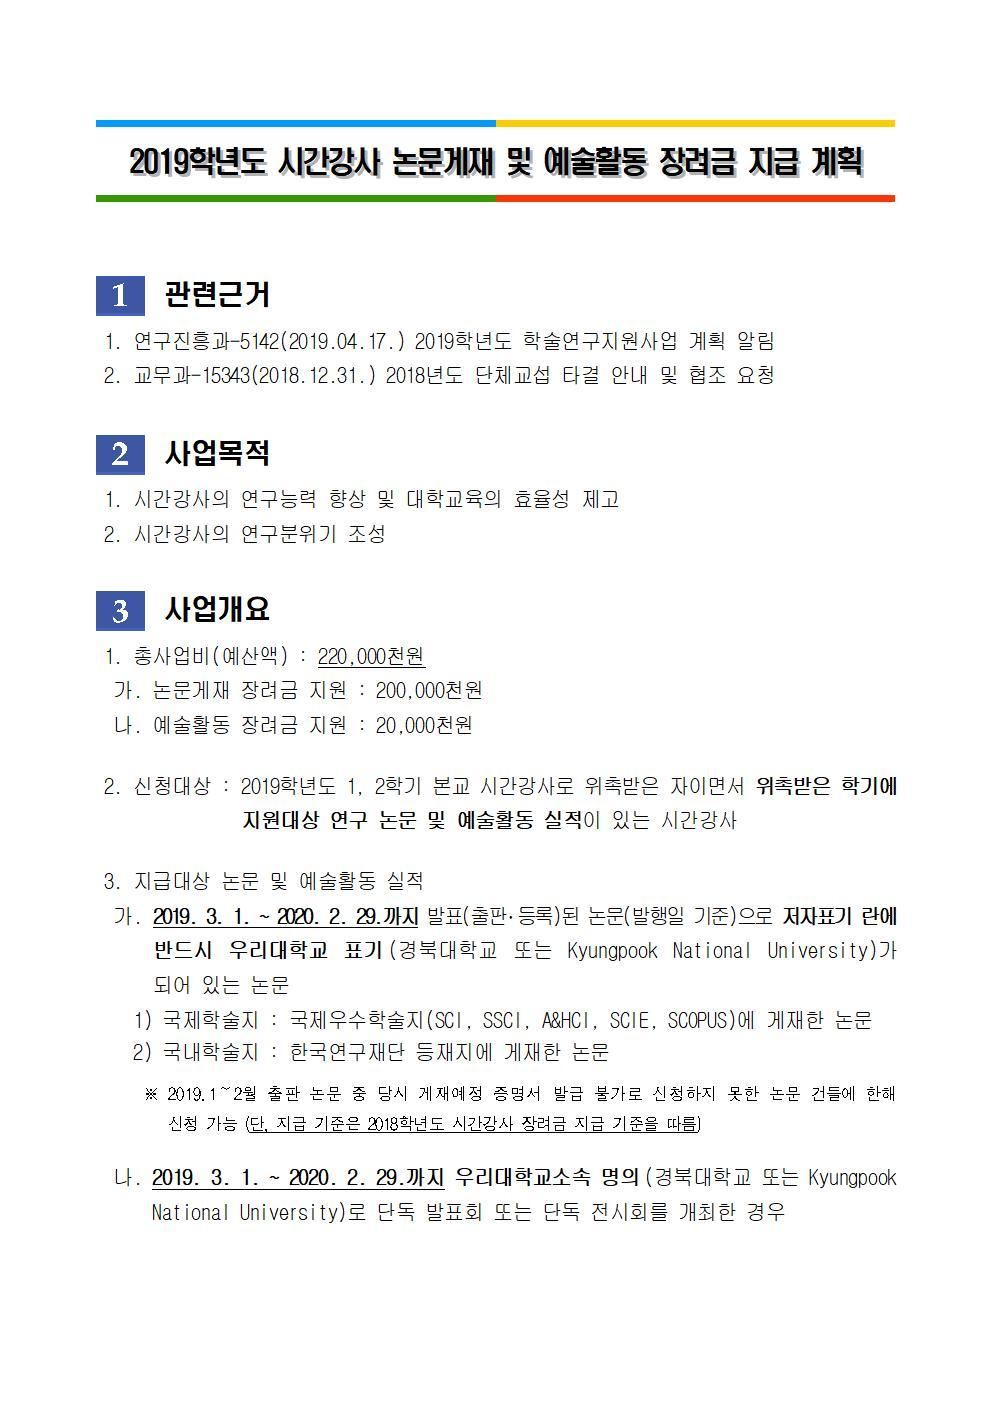 2019학년도 시간강사 논문게재 및 예술활동 장려금 지급 계획001.jpg